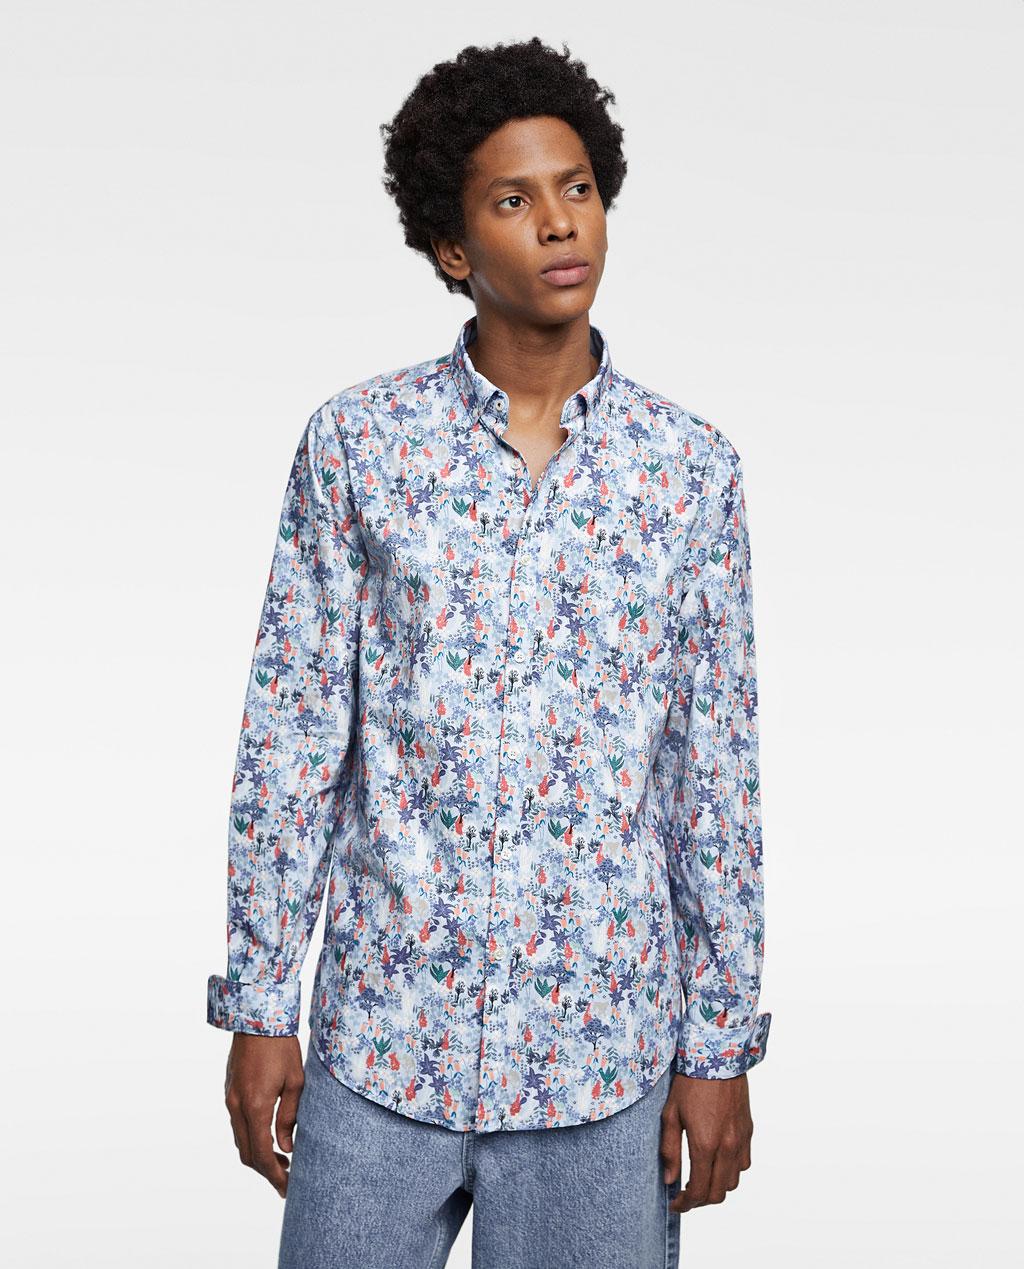 Thời trang nam Zara  24036 - ảnh 4